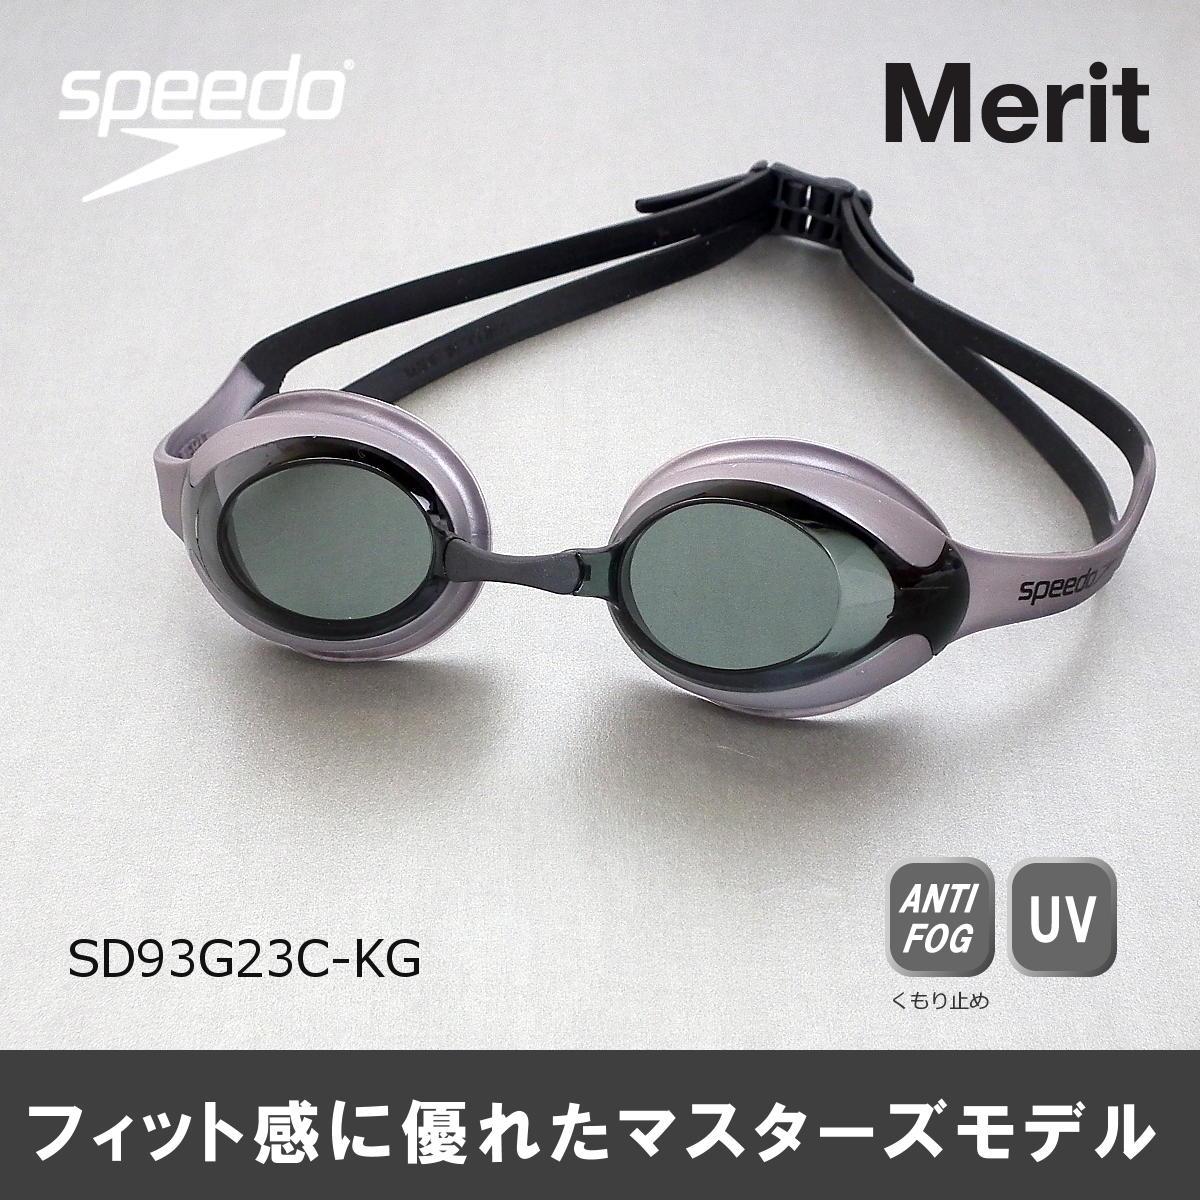 【スイムゴーグル】SPEEDO スピード クッション付き スイミングゴーグル クリアタイプ MERIT メリット 水泳 SD93G23C-KG